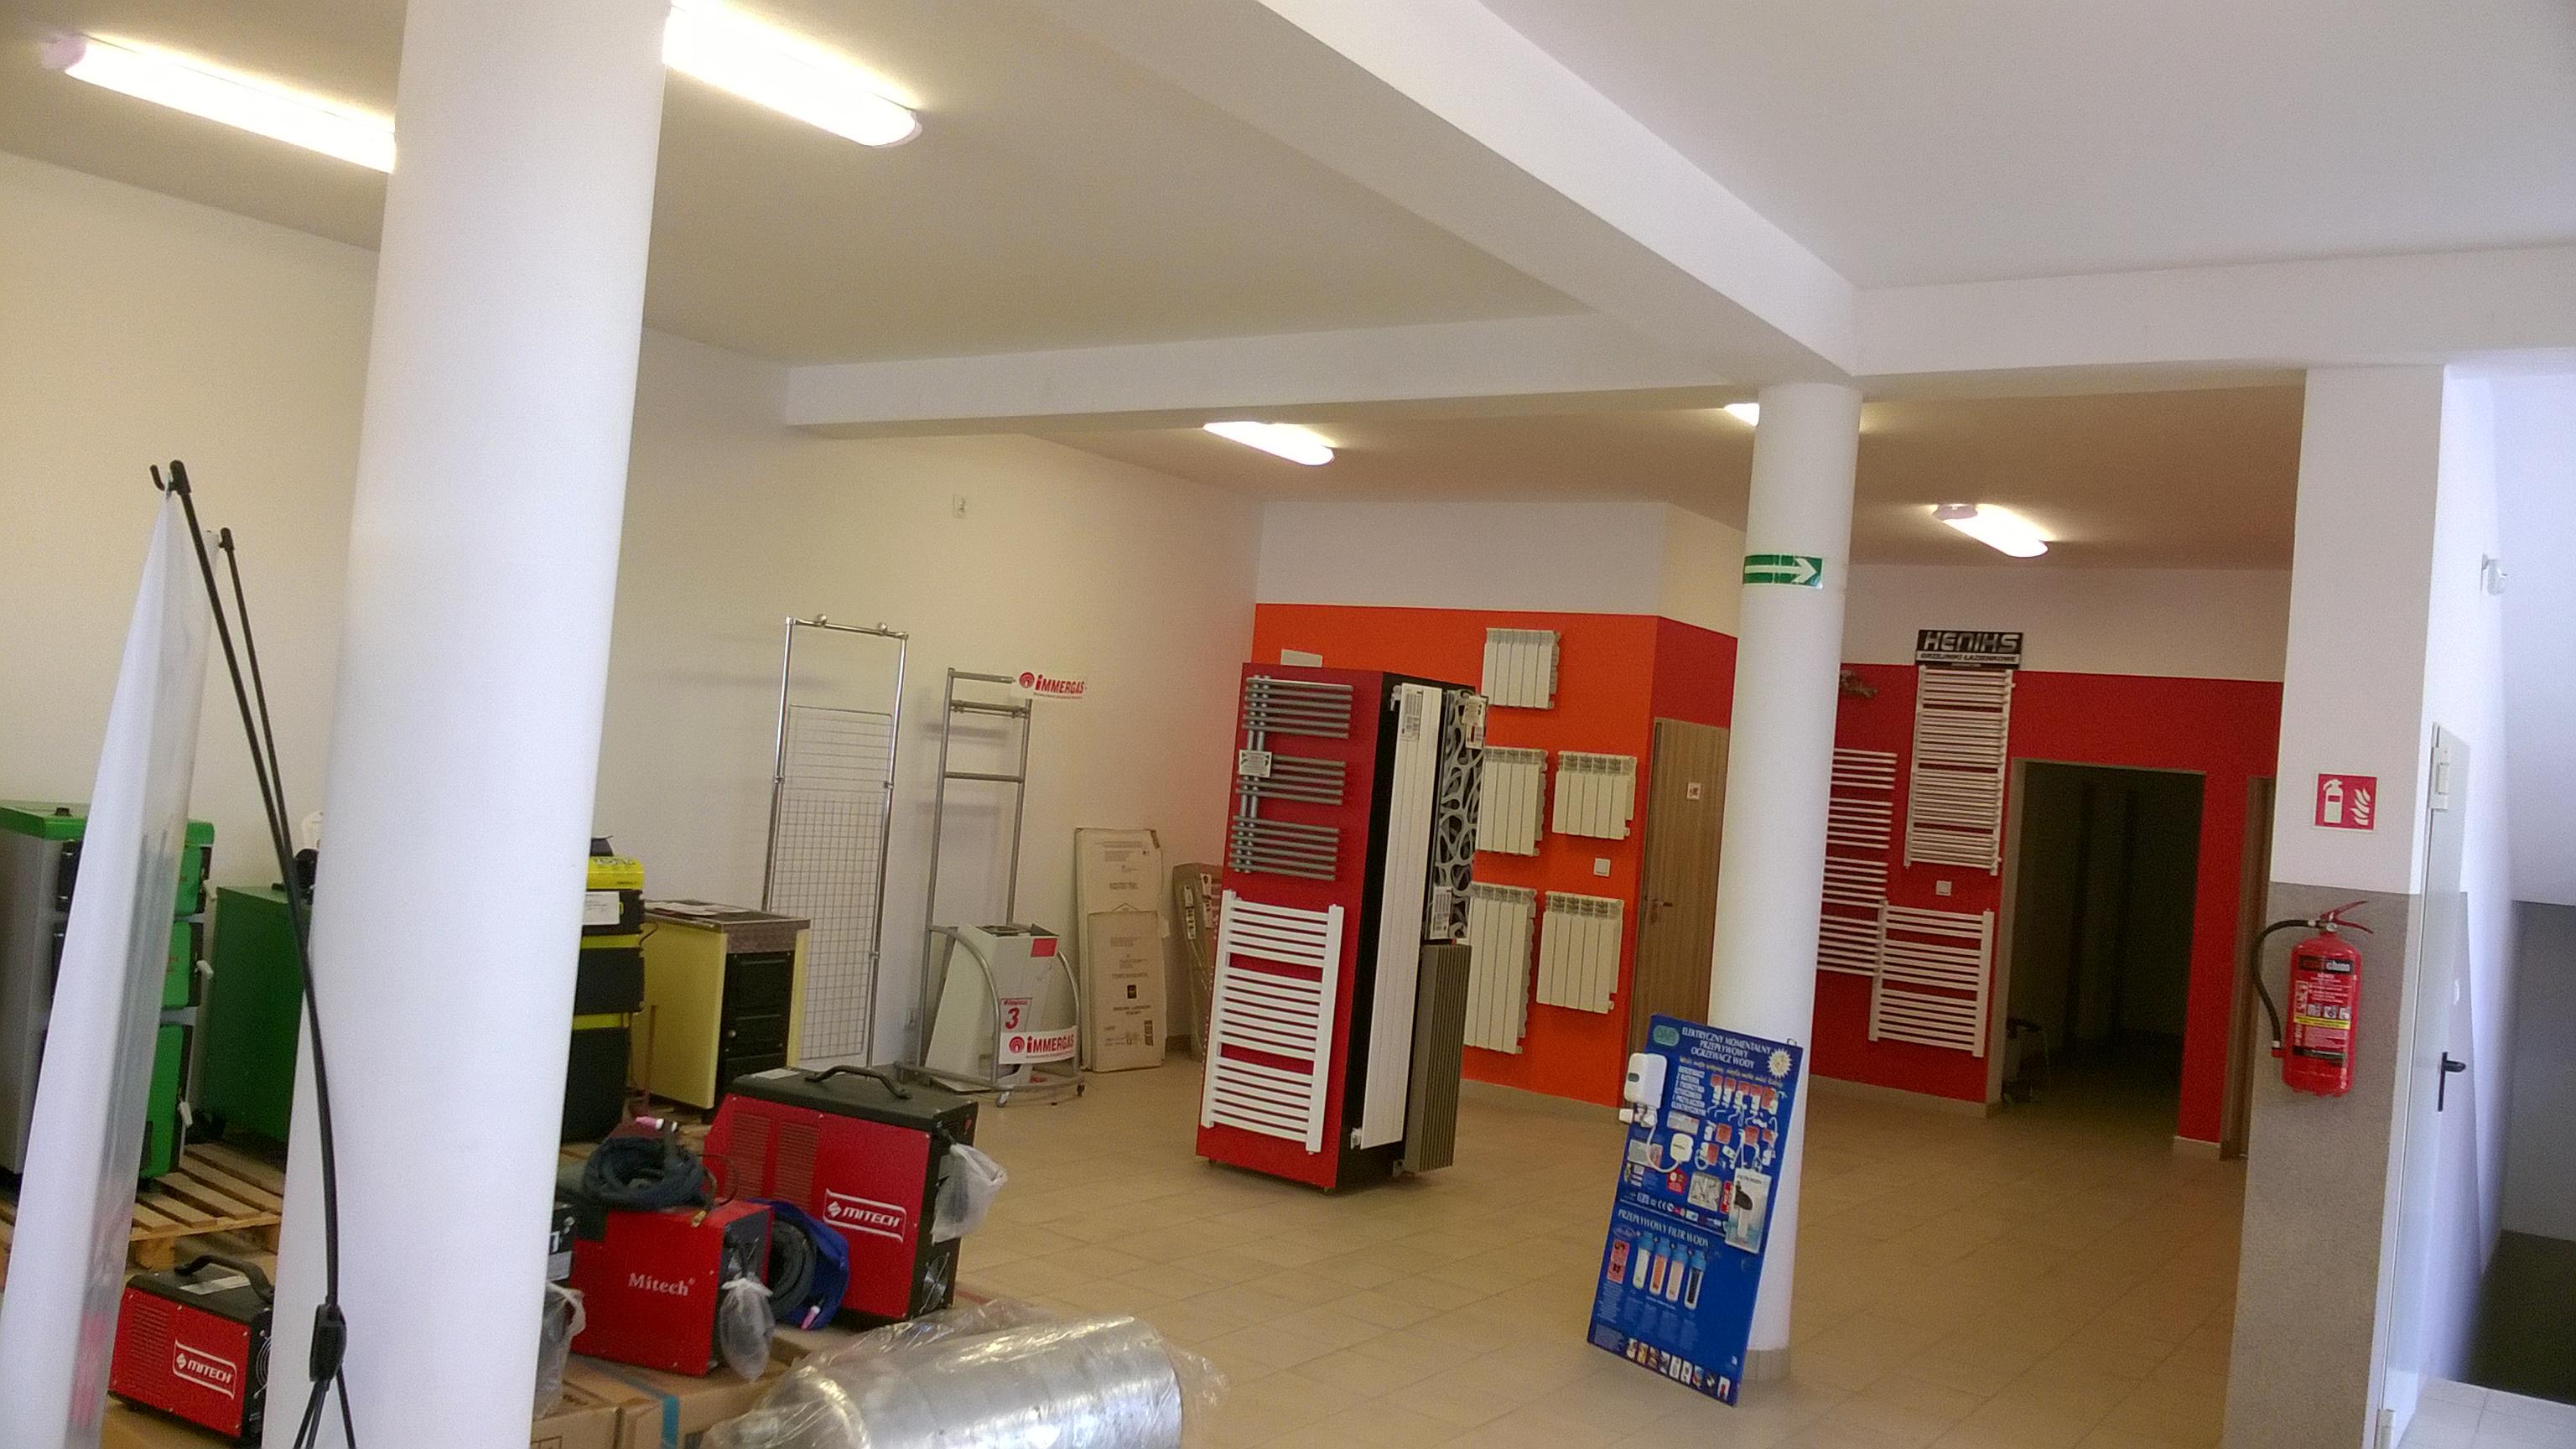 Monitoring sklepu ARGOTECH monitoring biłgoraj monitoring nisko monitoring janów lubelski